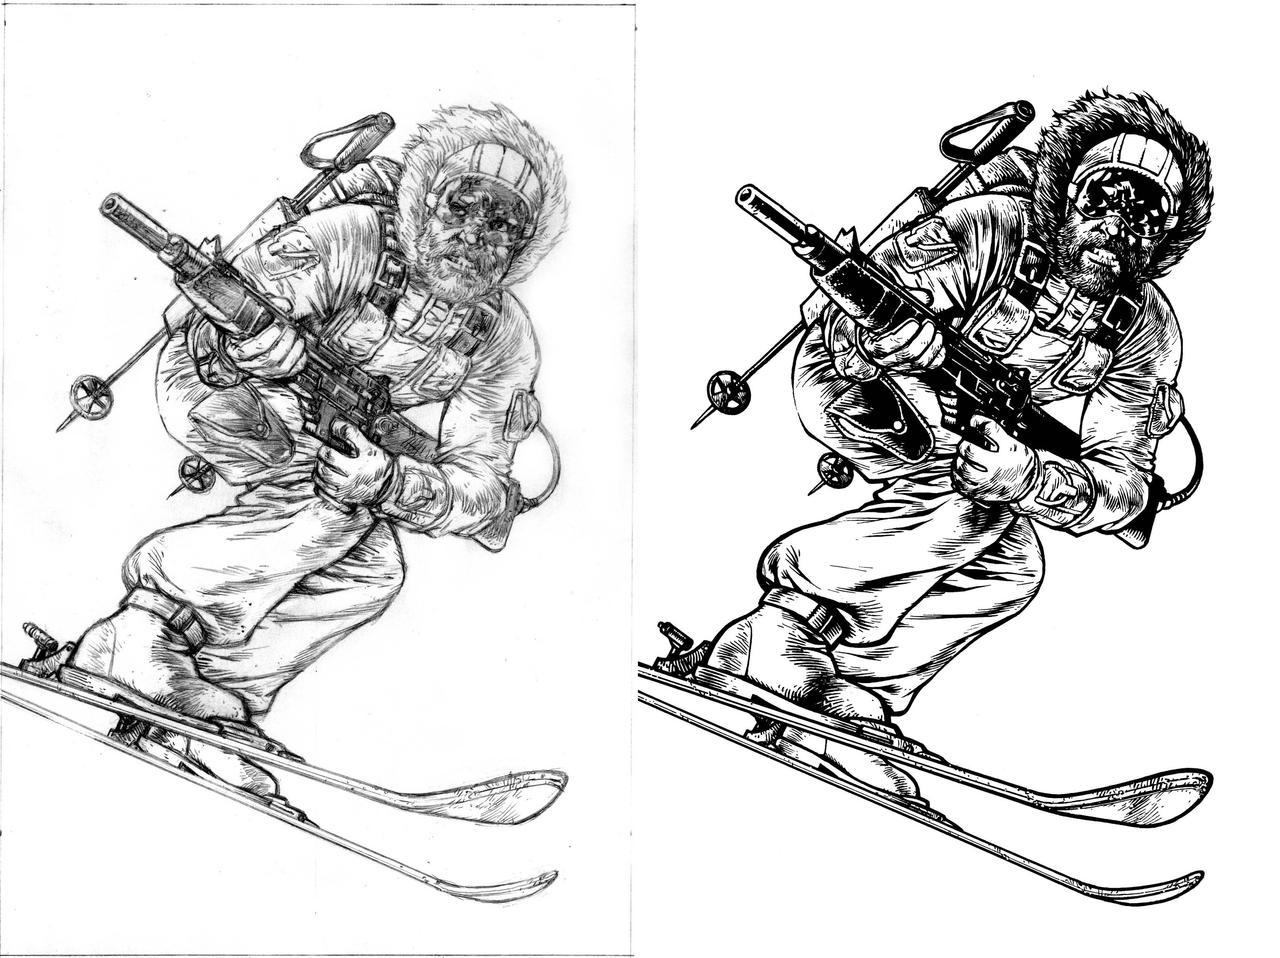 GI Joe Snowjob Pencils and Inks